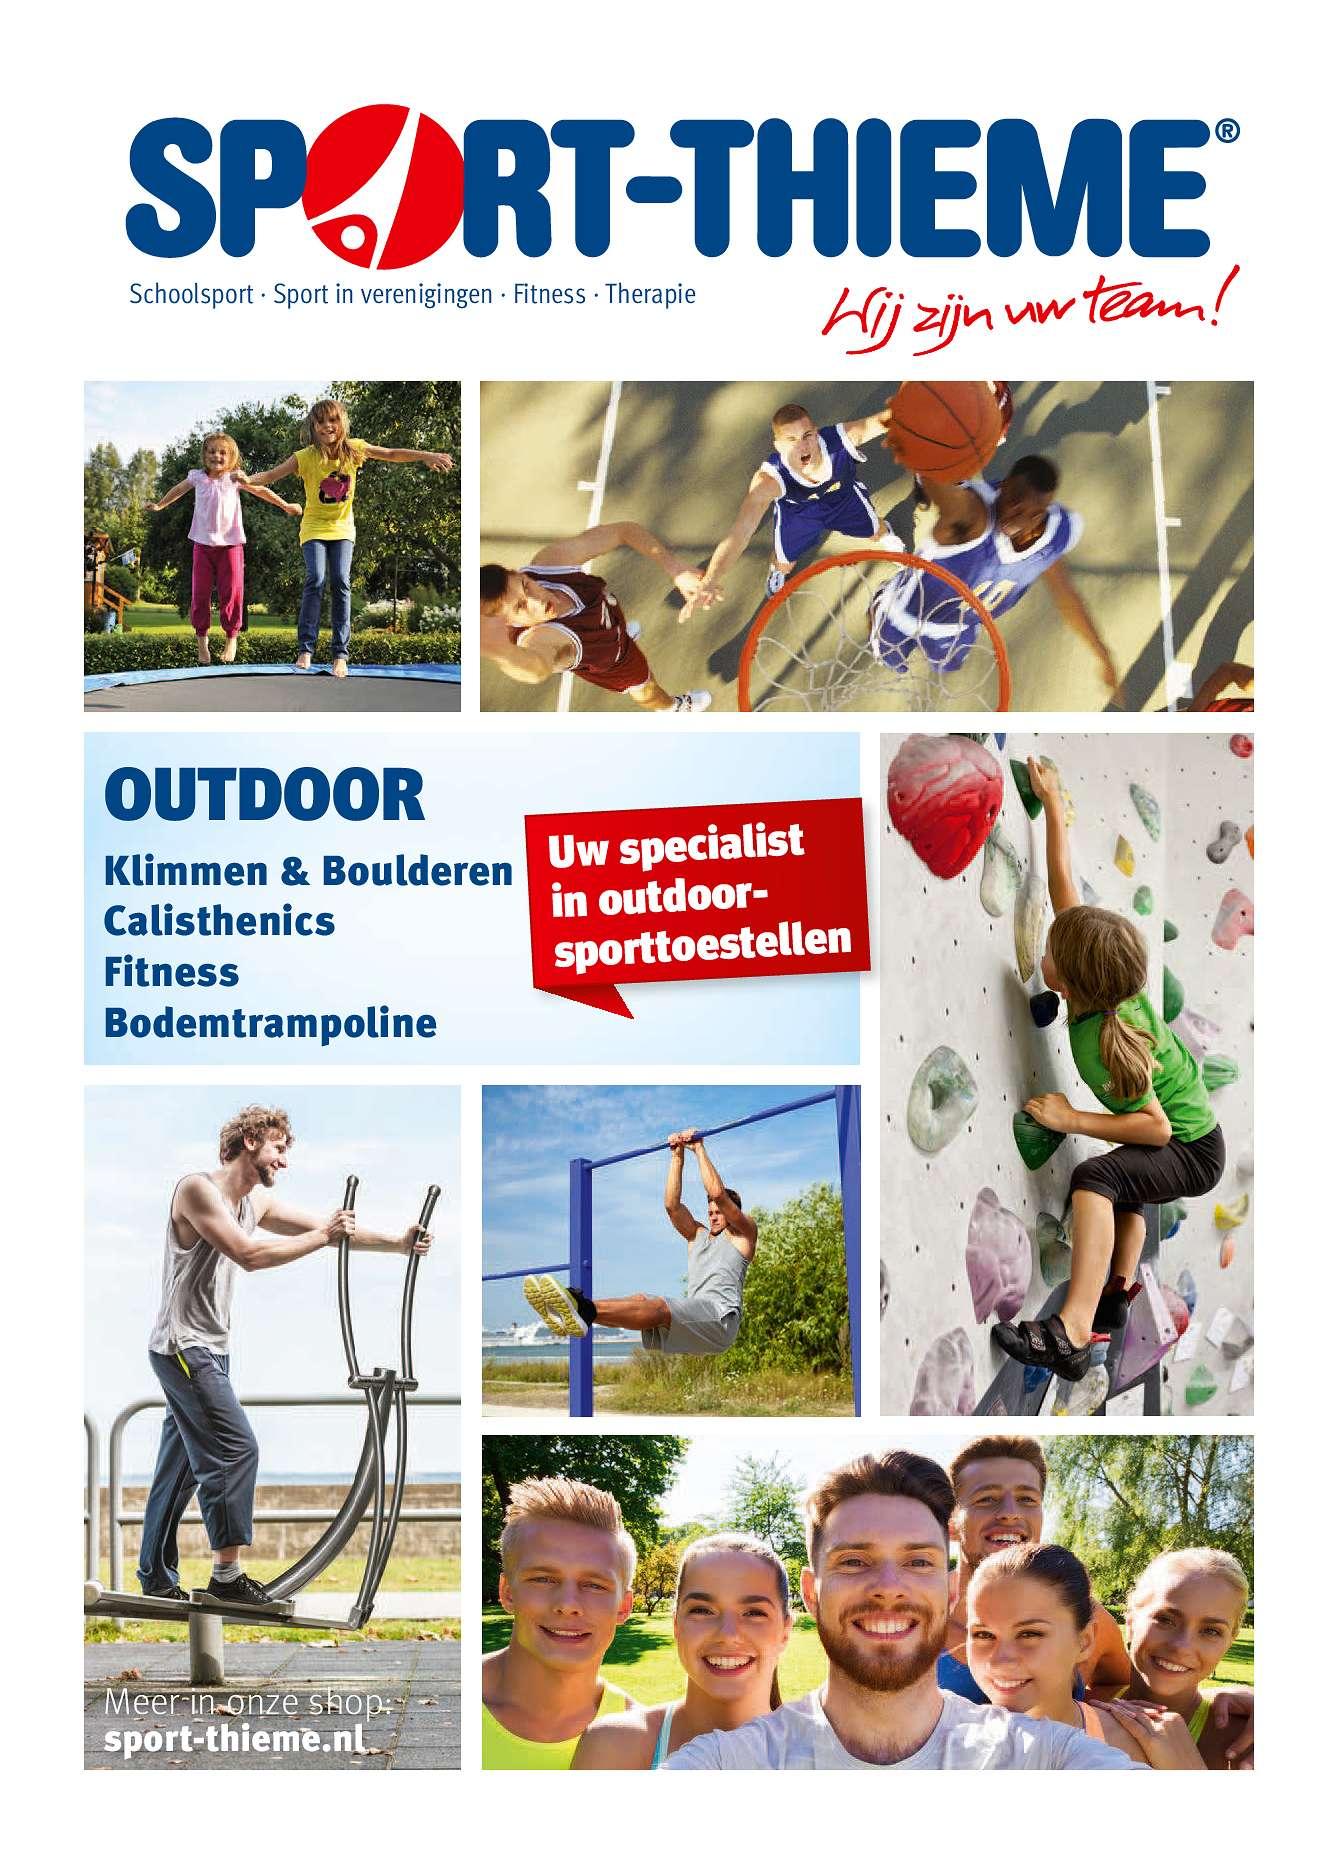 Sport-Thieme® OUTDOOR-Sportfaciliteiten PDF